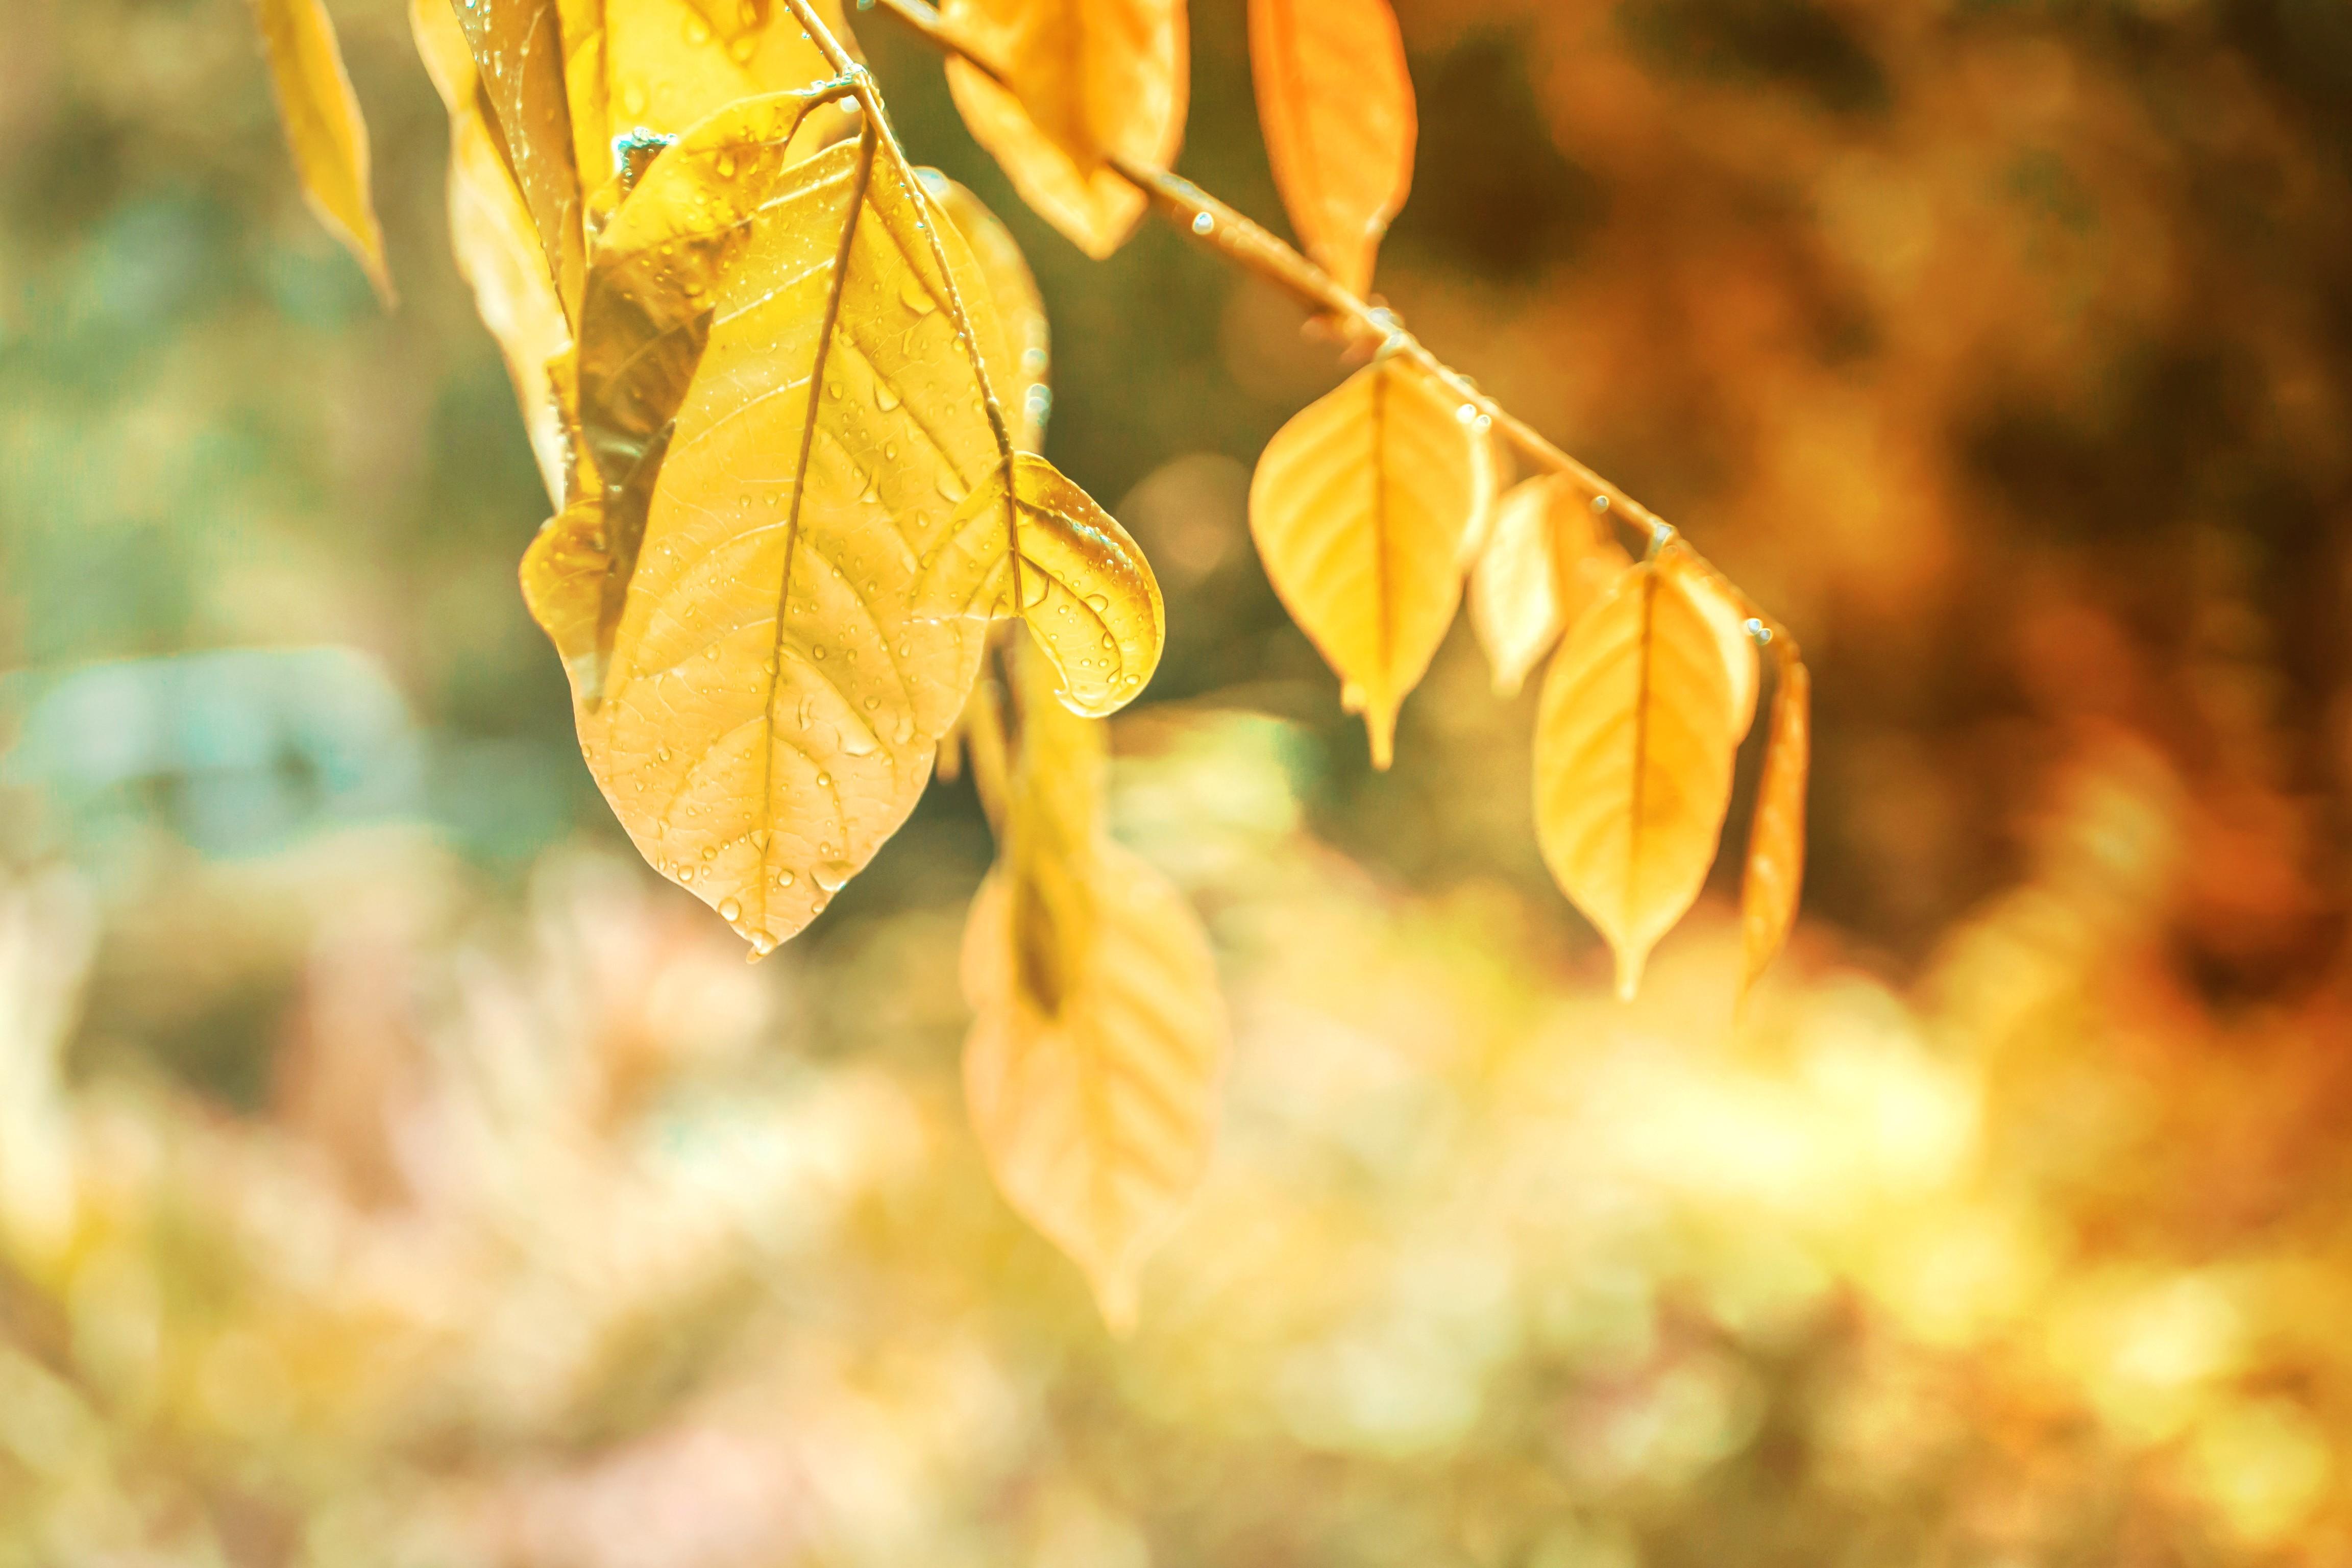 Pogoda tej jesieni dopisuje. Ciepłe promienie słońca sprzyjają porządkom na działkach i podwórkach - Zdjęcie główne